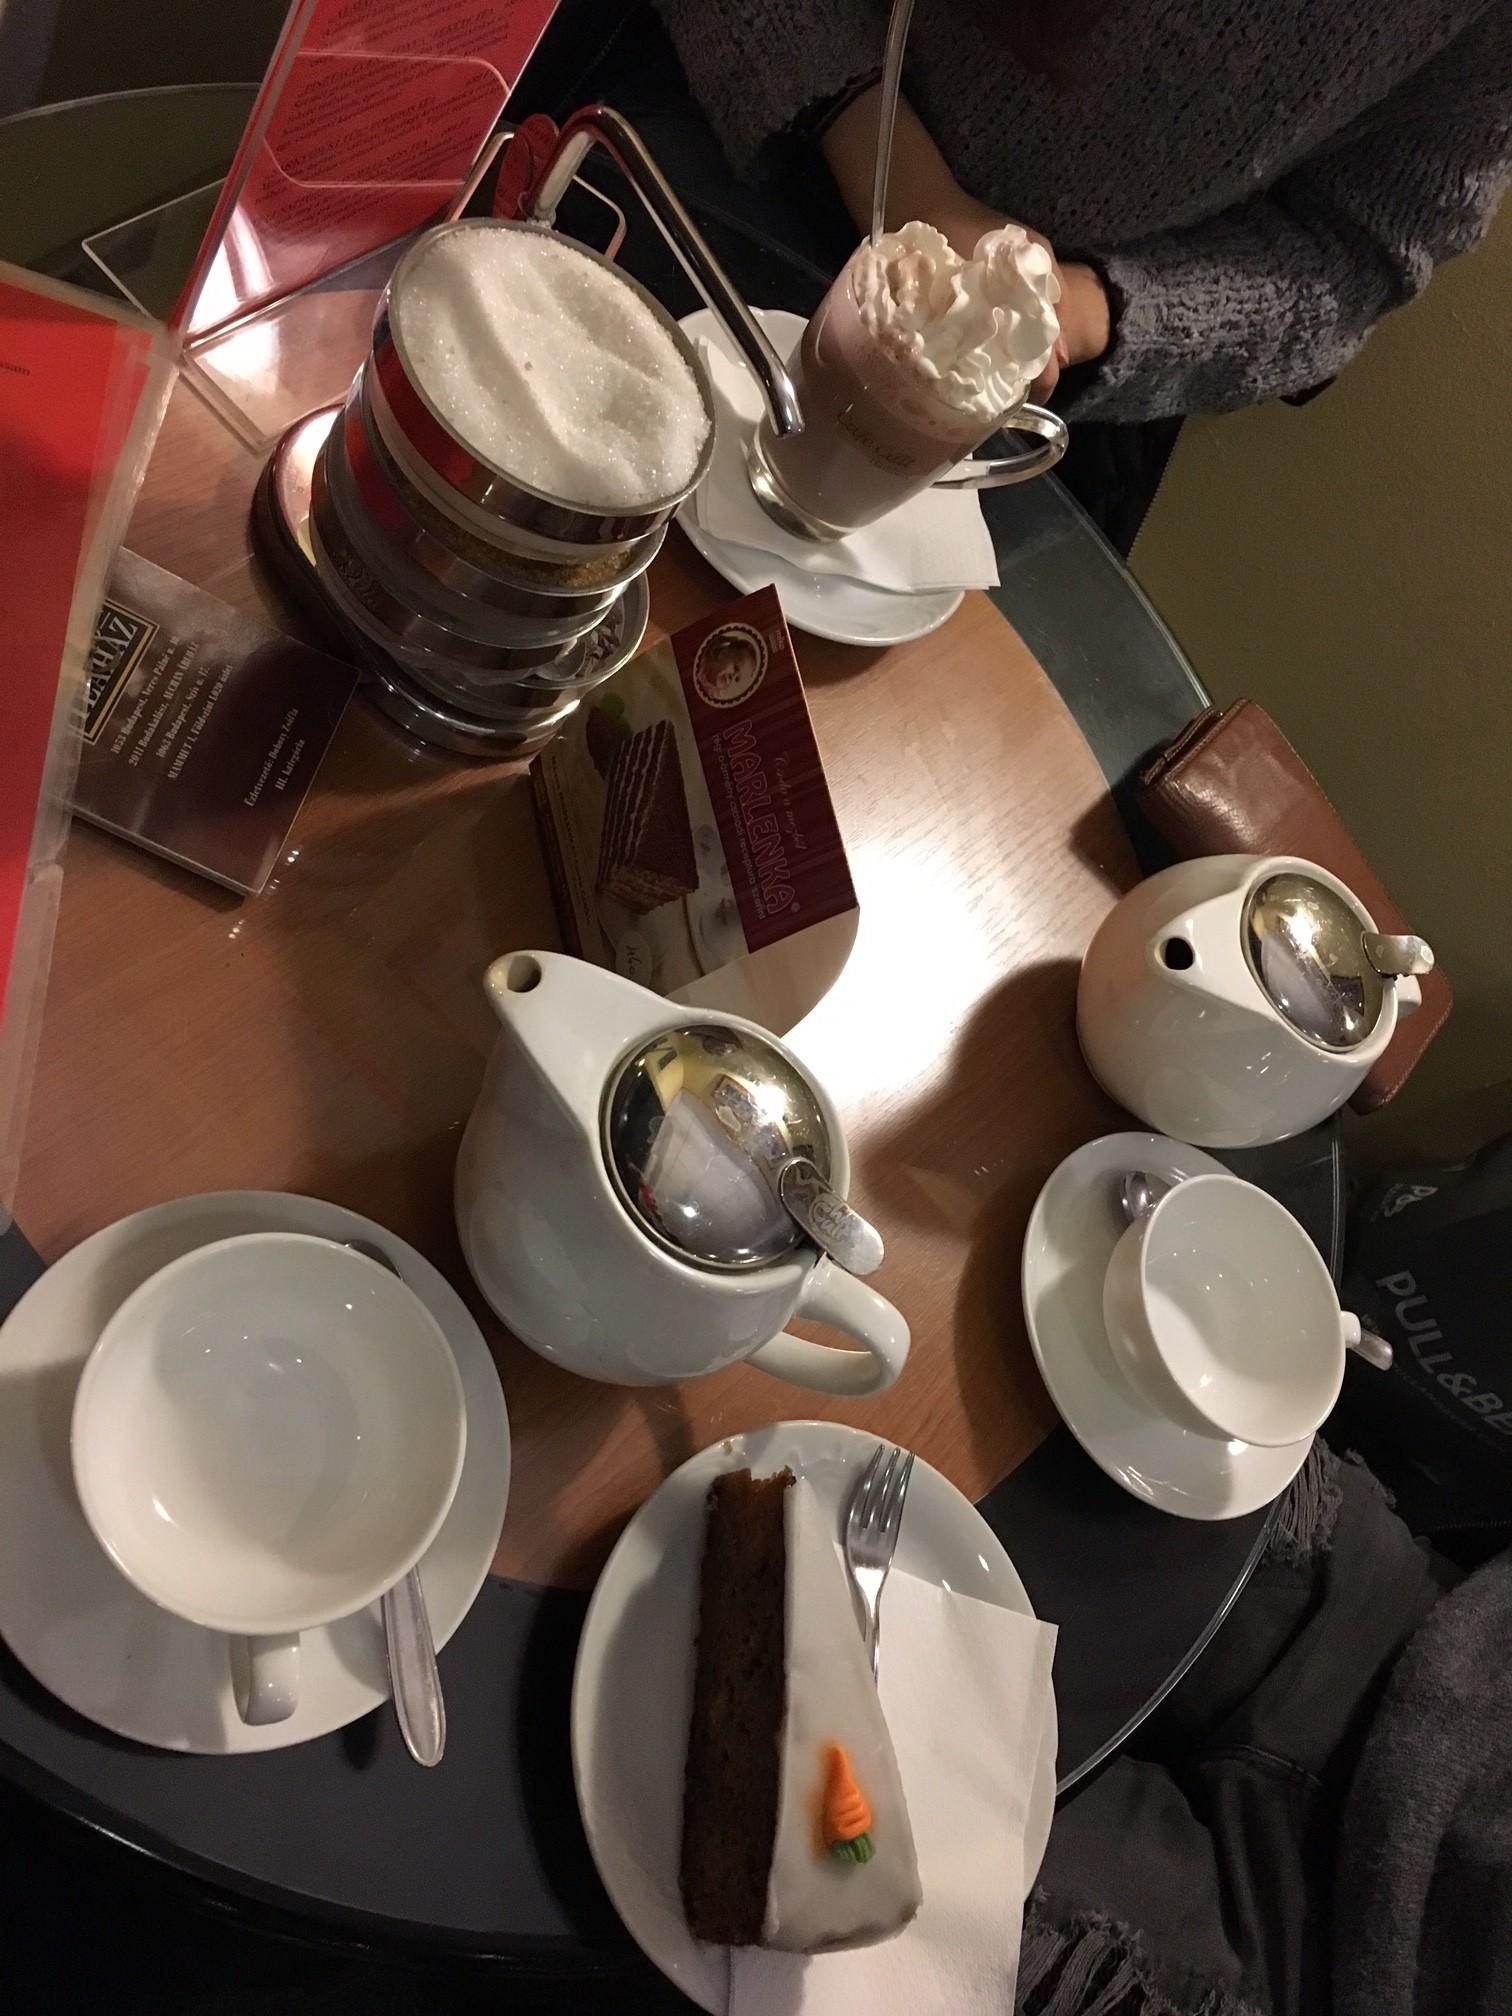 Cafe hopping: Big Ben tea house